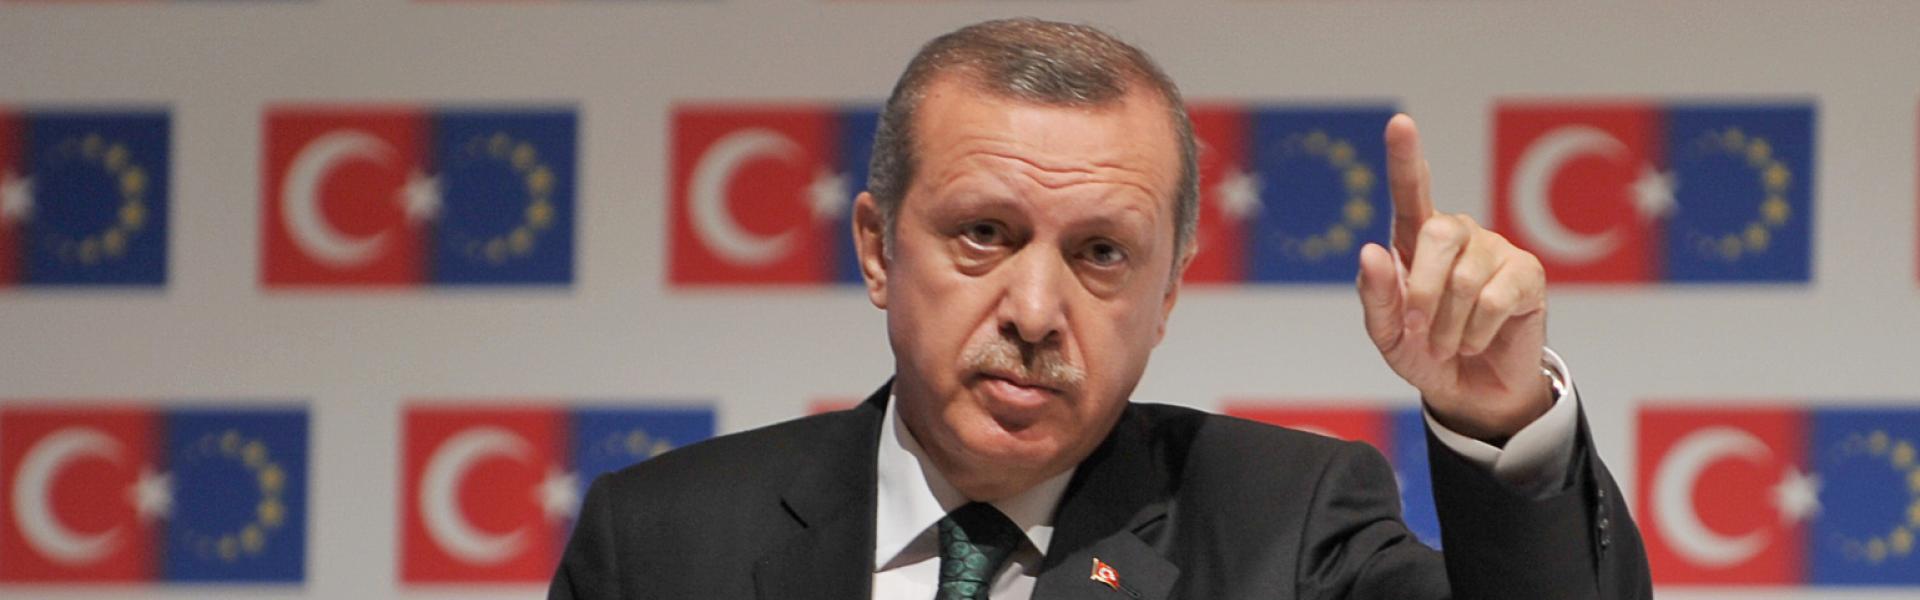 Erdoğan'dan ABD'ye: Osmanlı tokatı yememişsiniz!